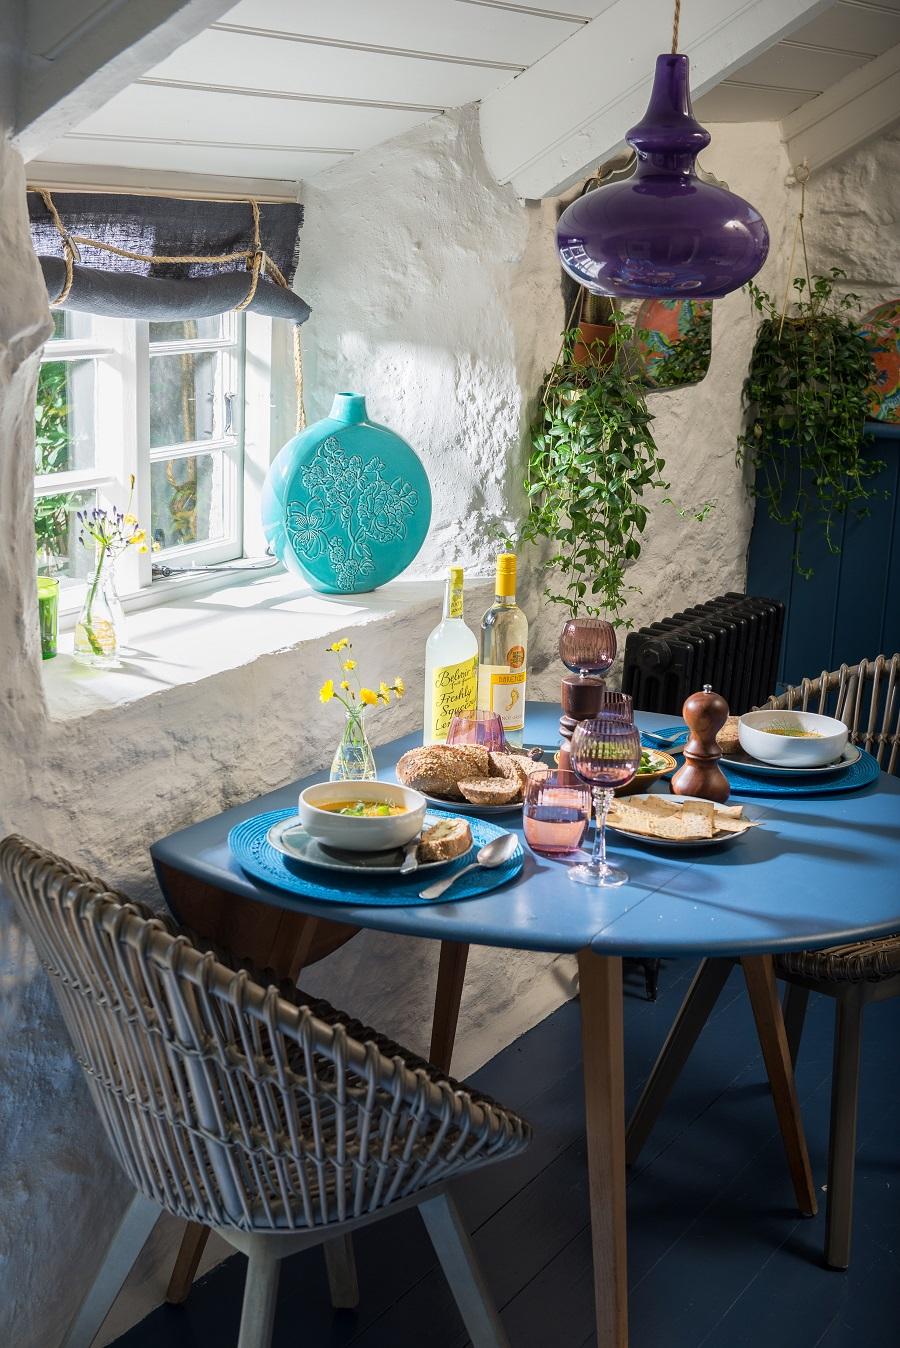 Albastru galben și mov în decorul rustic al unei case din Marea Britanie 6a